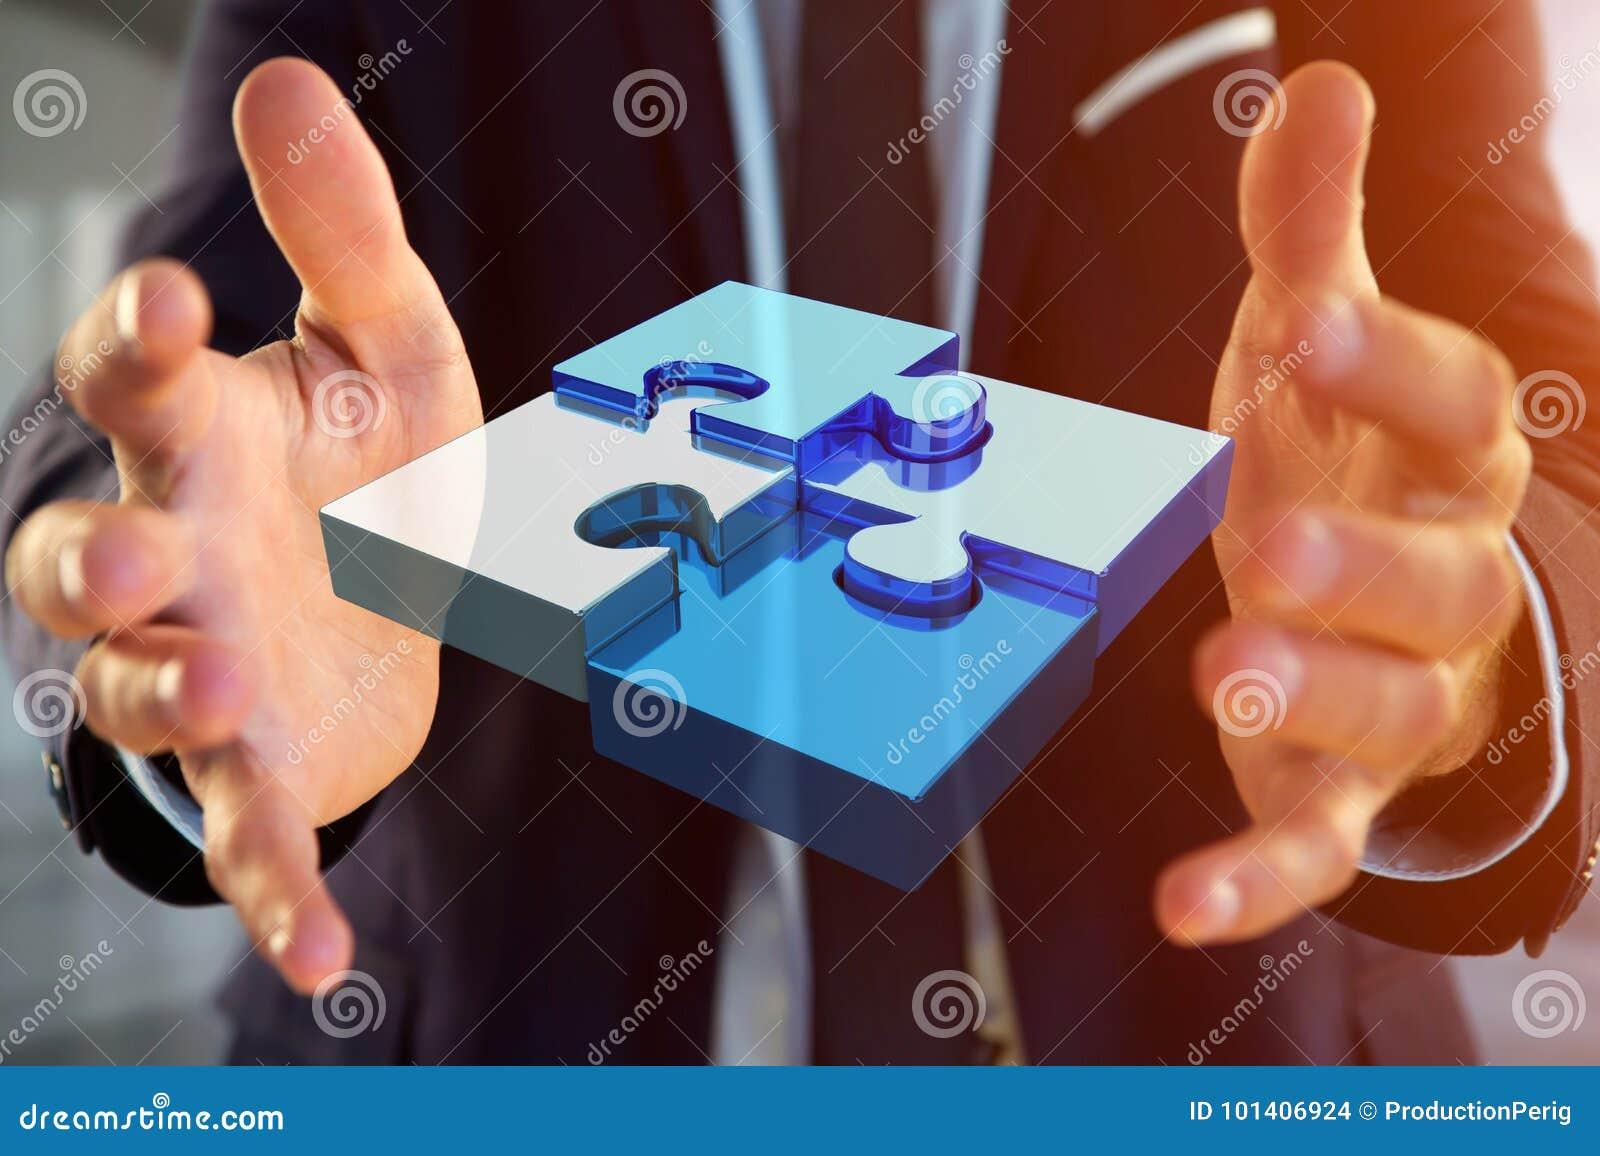 Cuatro pedazos del rompecabezas que hacen un logotipo en un interfaz futurista - 3d